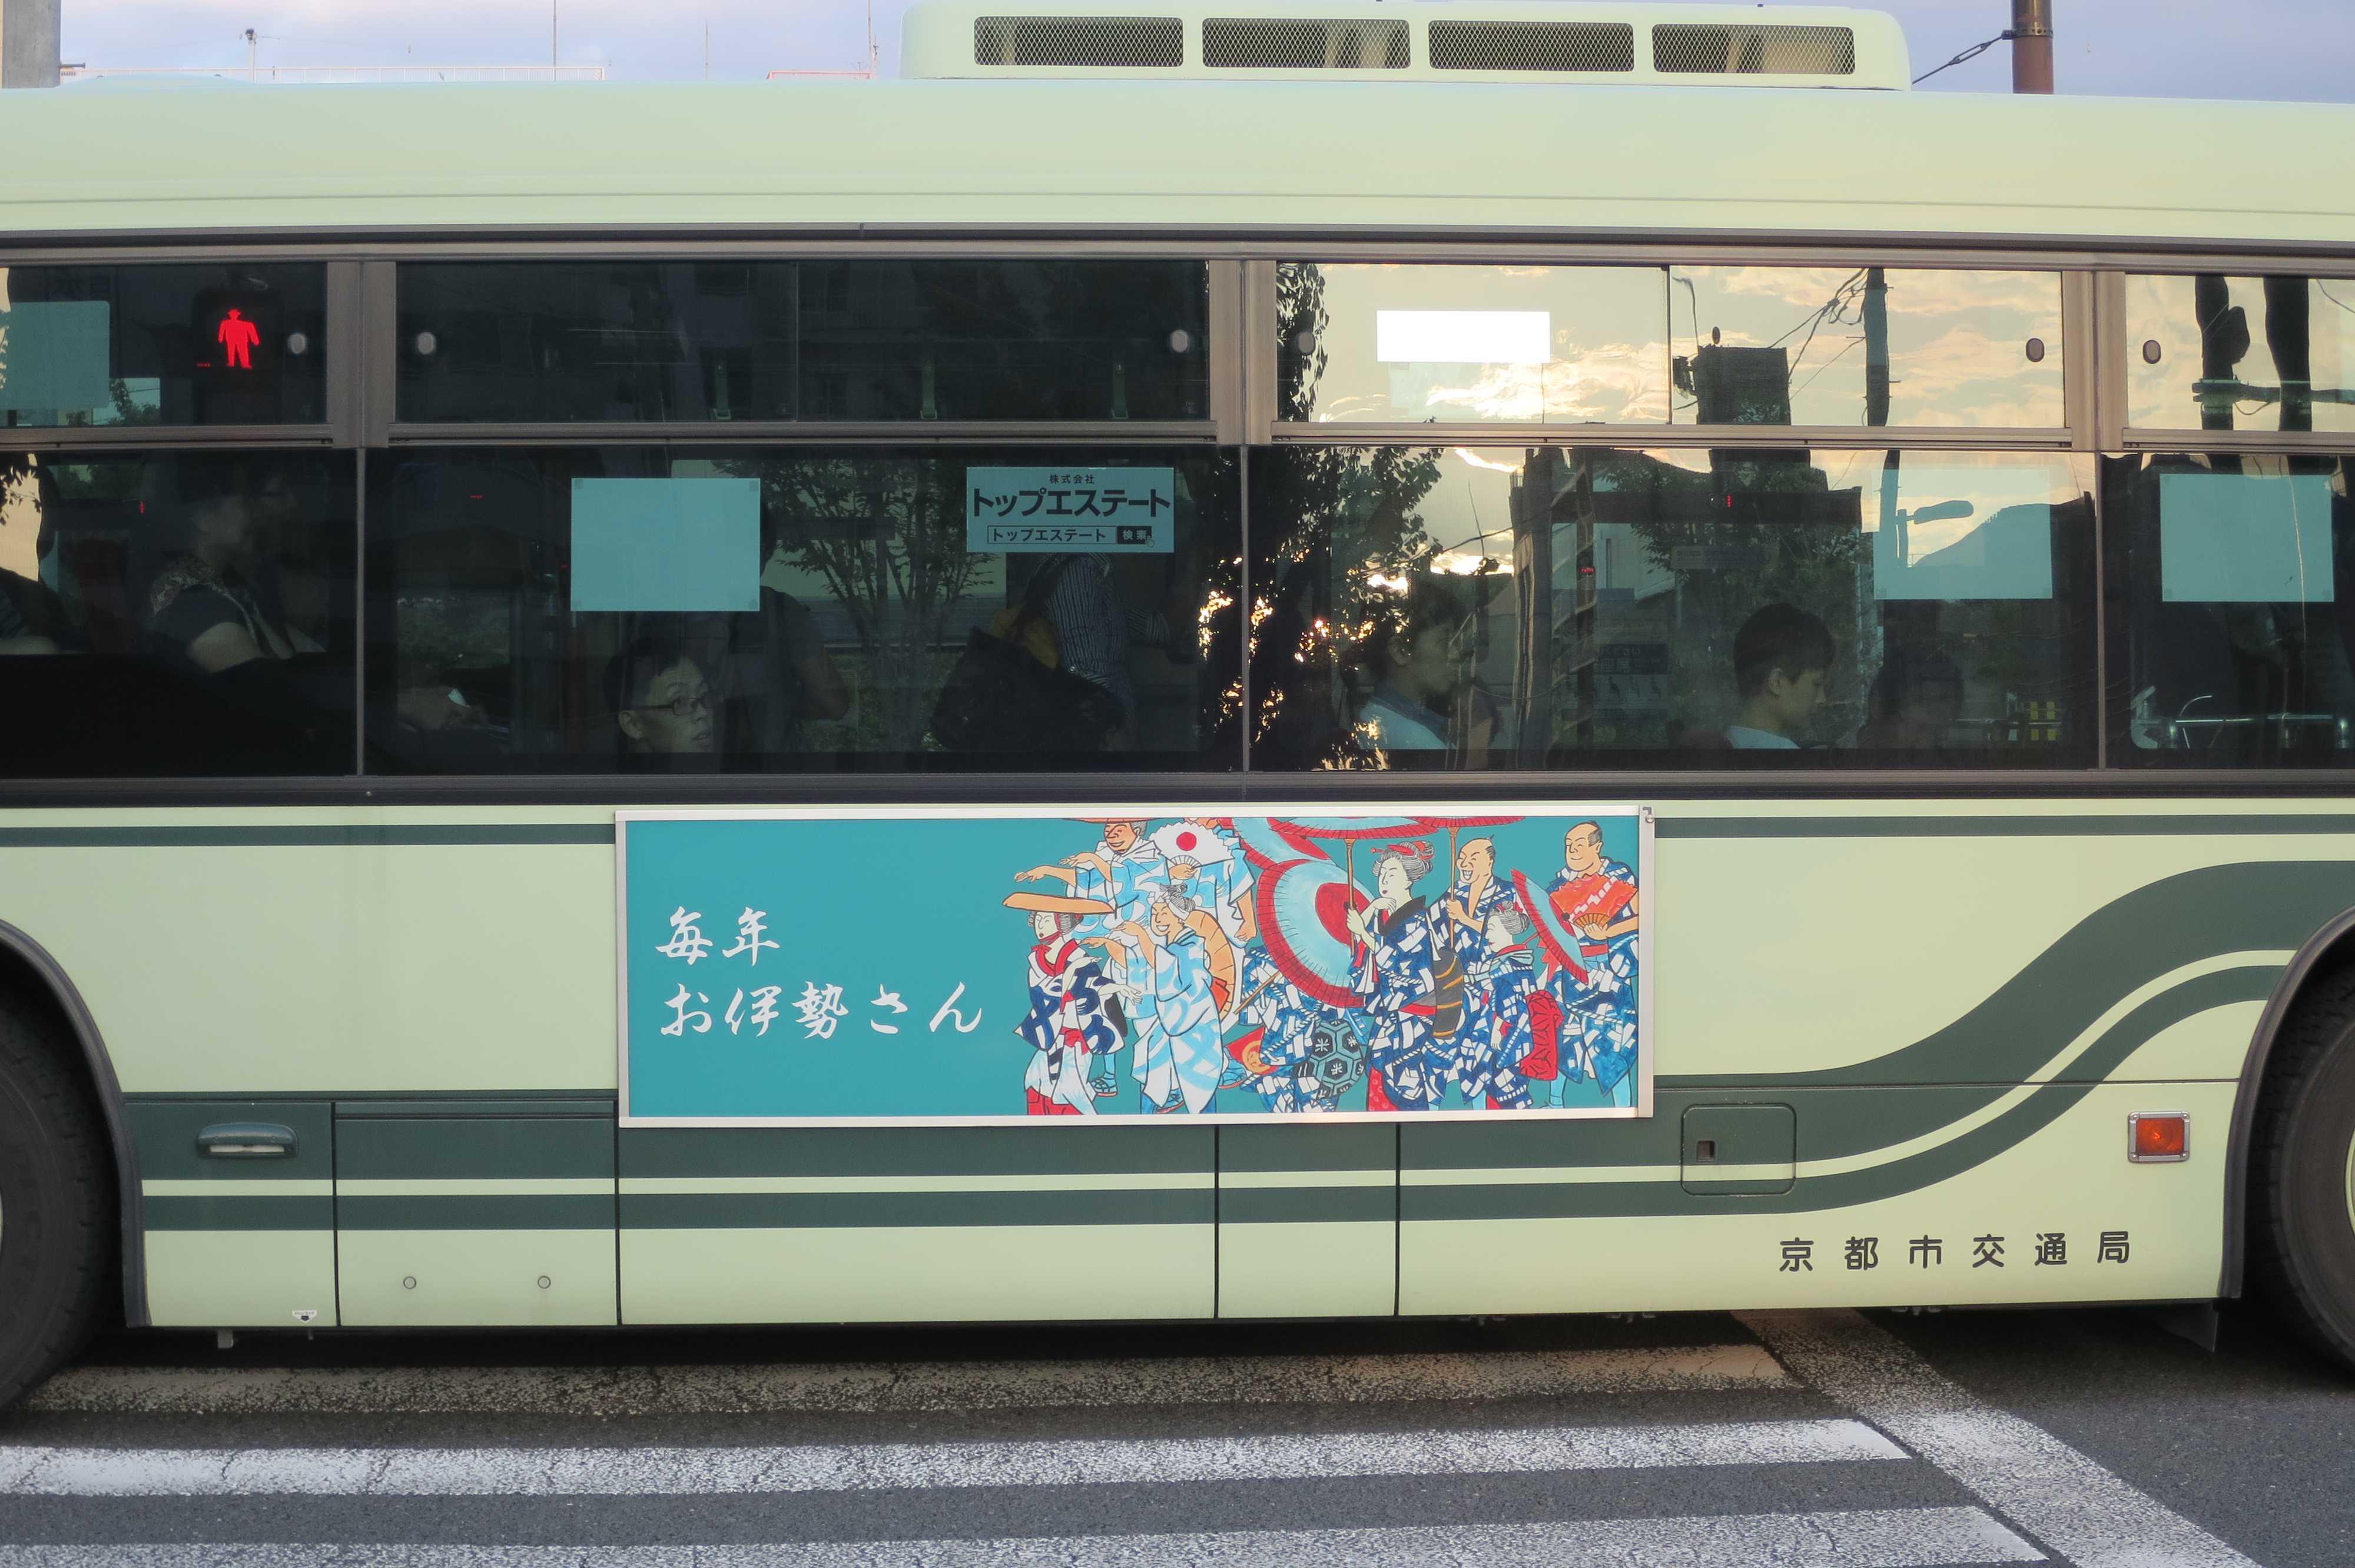 京都・崇仁地区 - 毎年 お伊勢さん(京都のバスの車体広告)